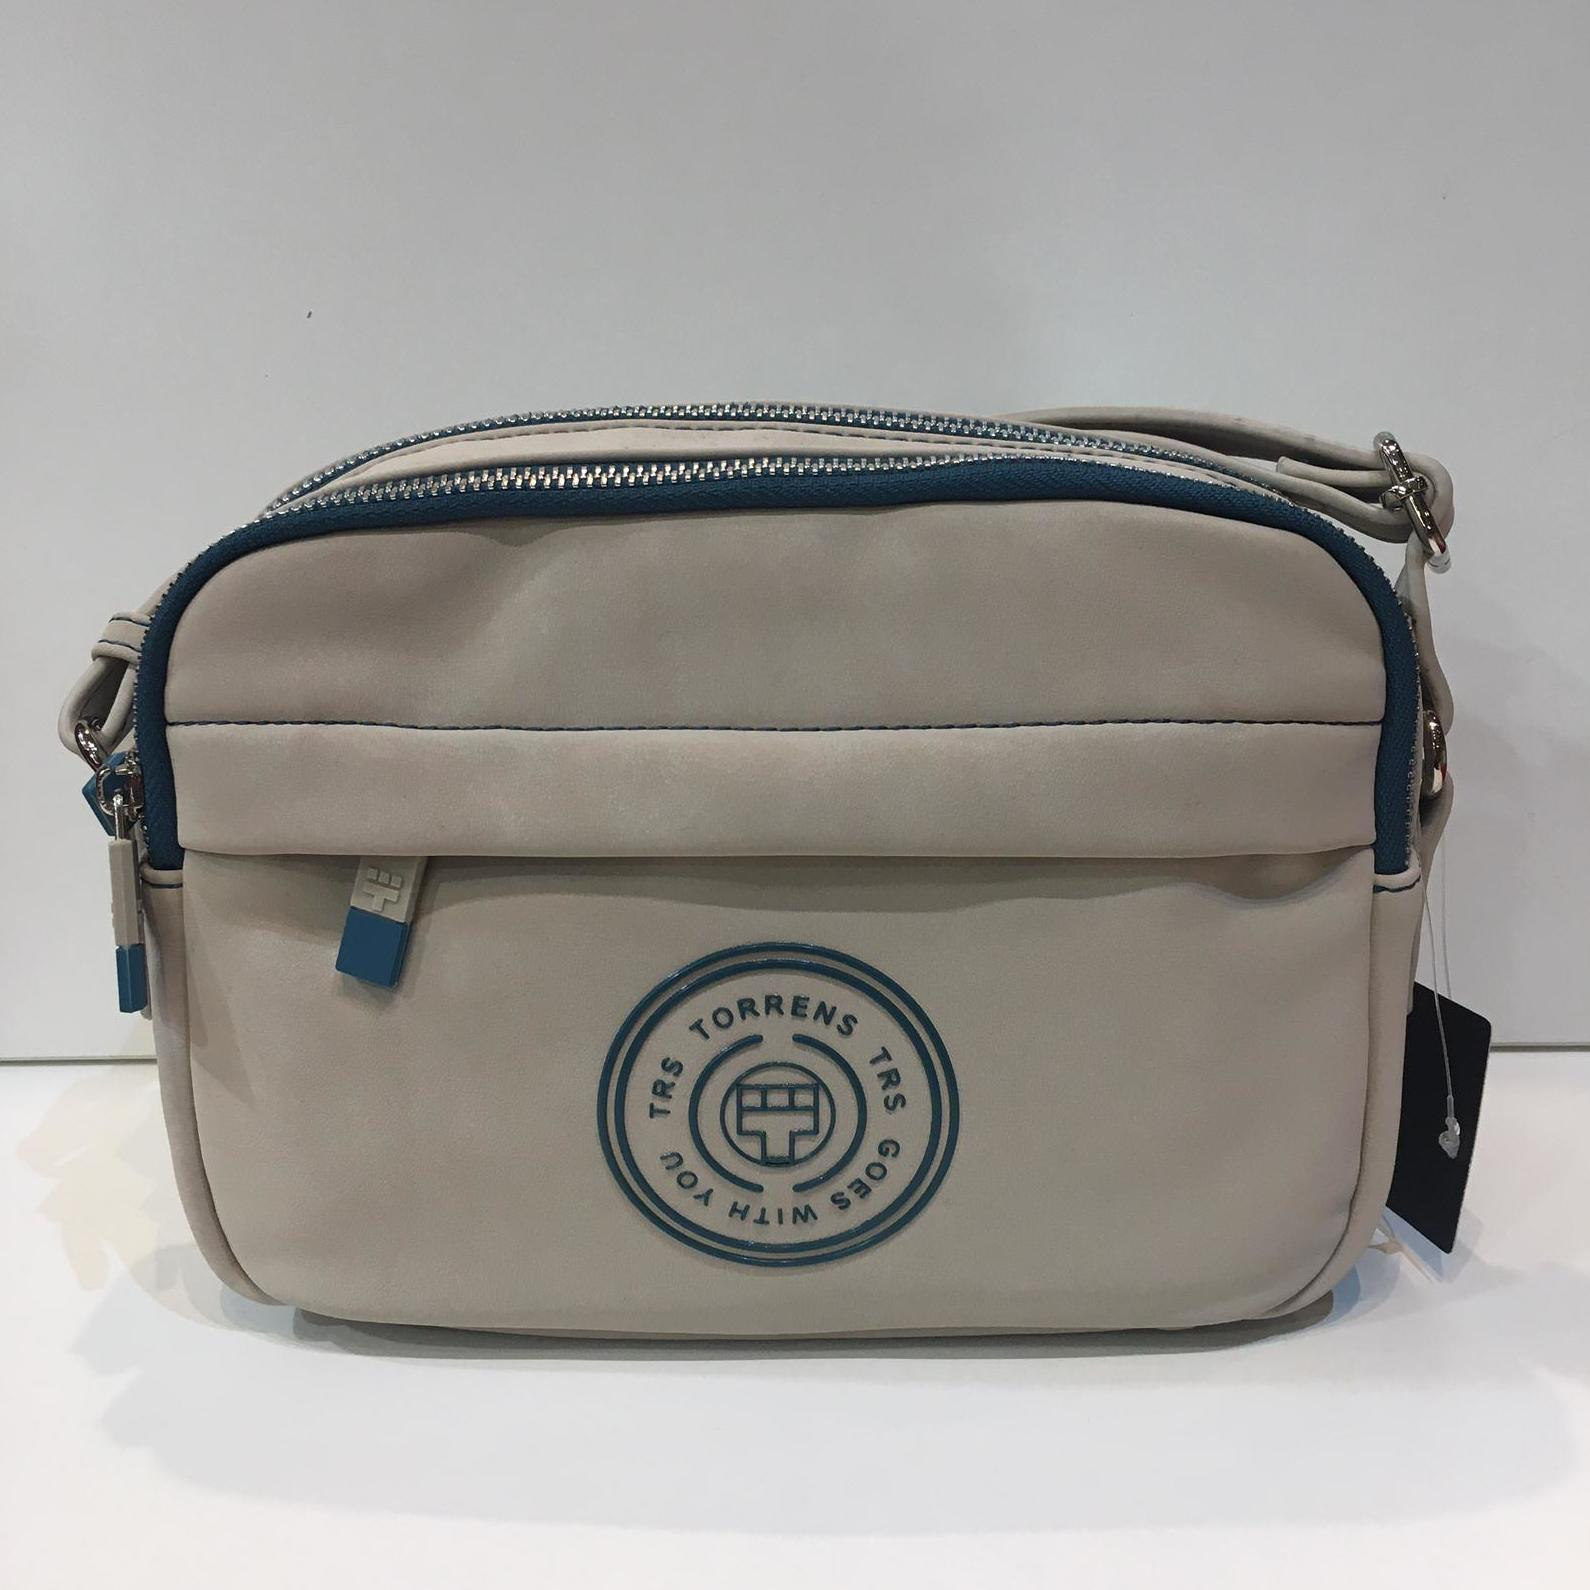 Bossa de la marca Torrens, de mida petita, amb tira llarga adaptable a totes les mides 39€